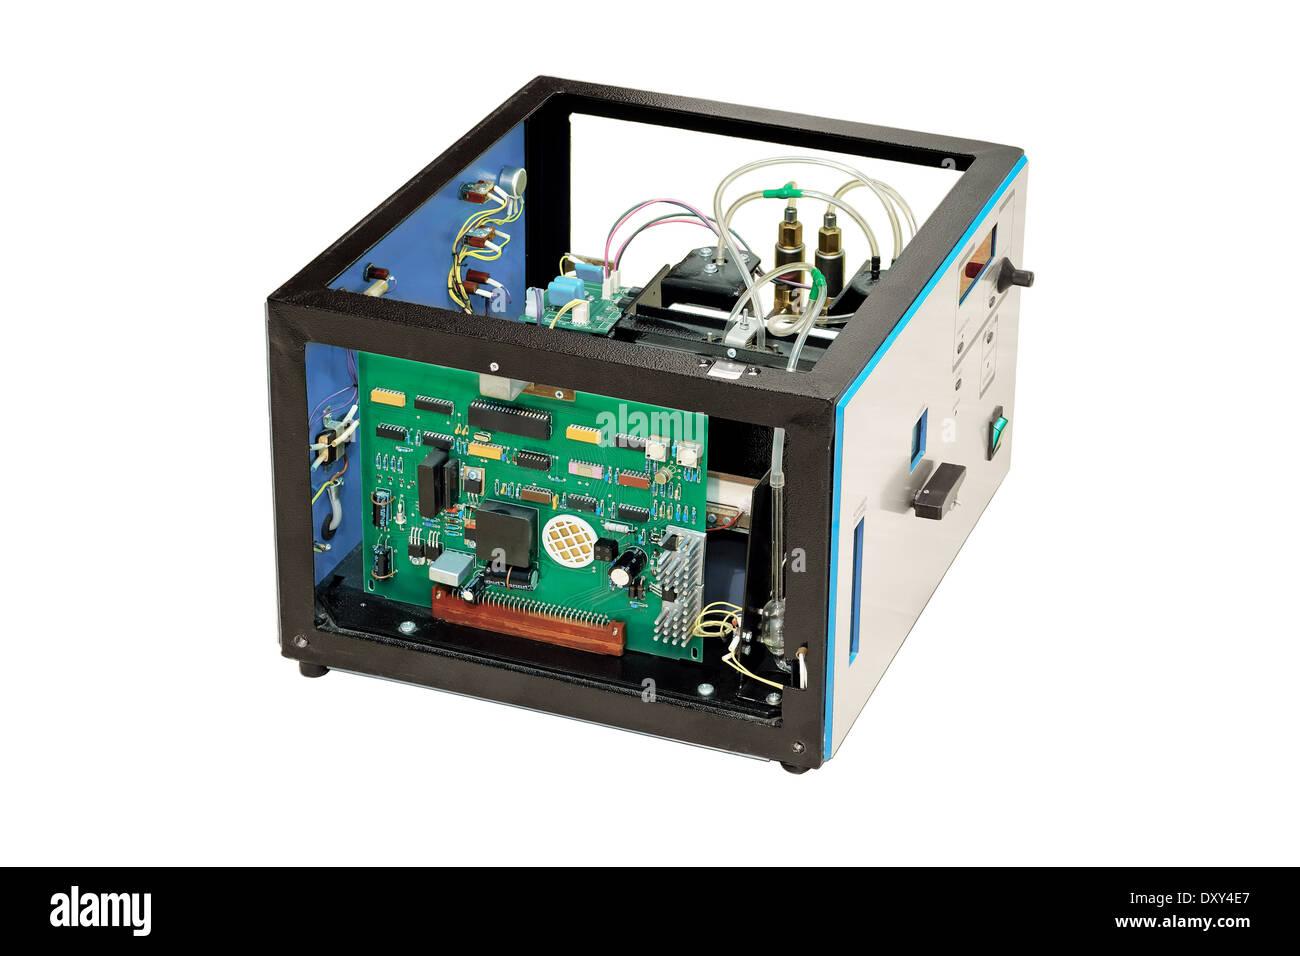 Apparato elettrodomestico, bordo, circuiteria, complessità, collegamento, controllo, dispositivo, disassemblare, disassemblato, elettrico, elettronico Immagini Stock